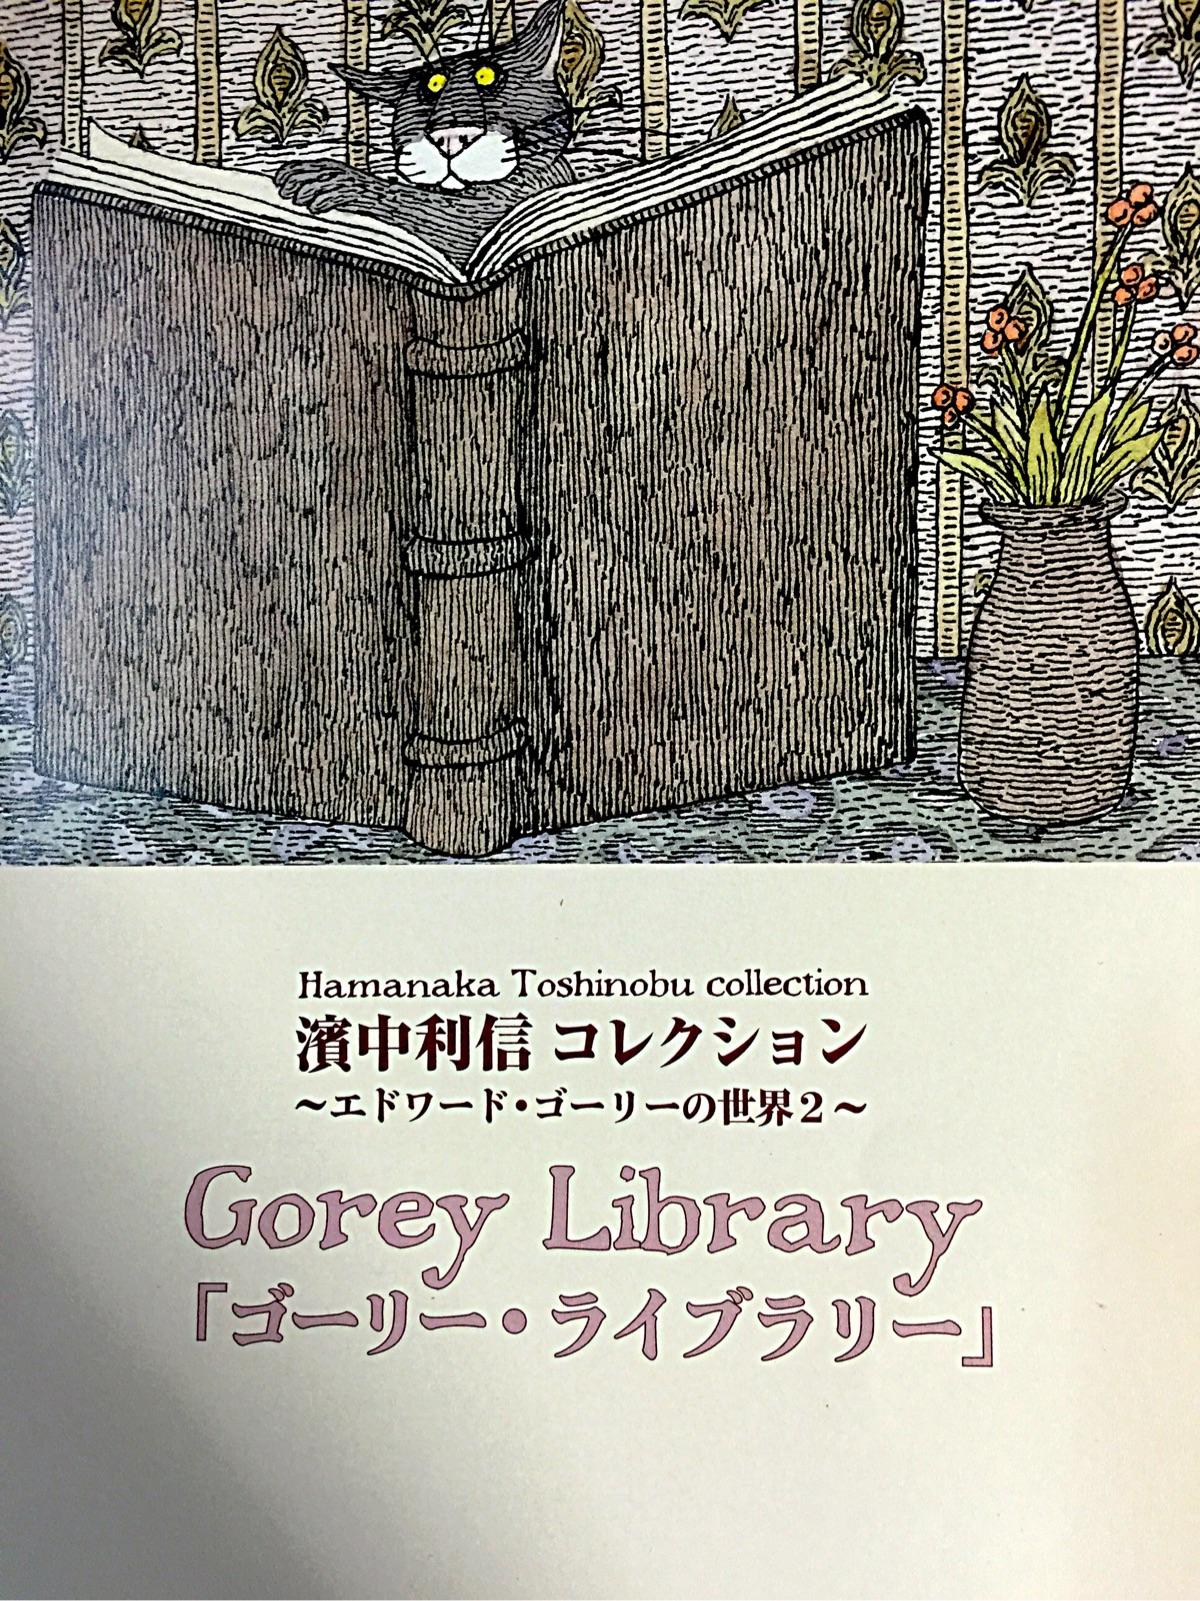 濱中利信コレクション 〜エドワードゴーリーの世界2〜 「ゴーリー・ライブラリー/Gorey Library」